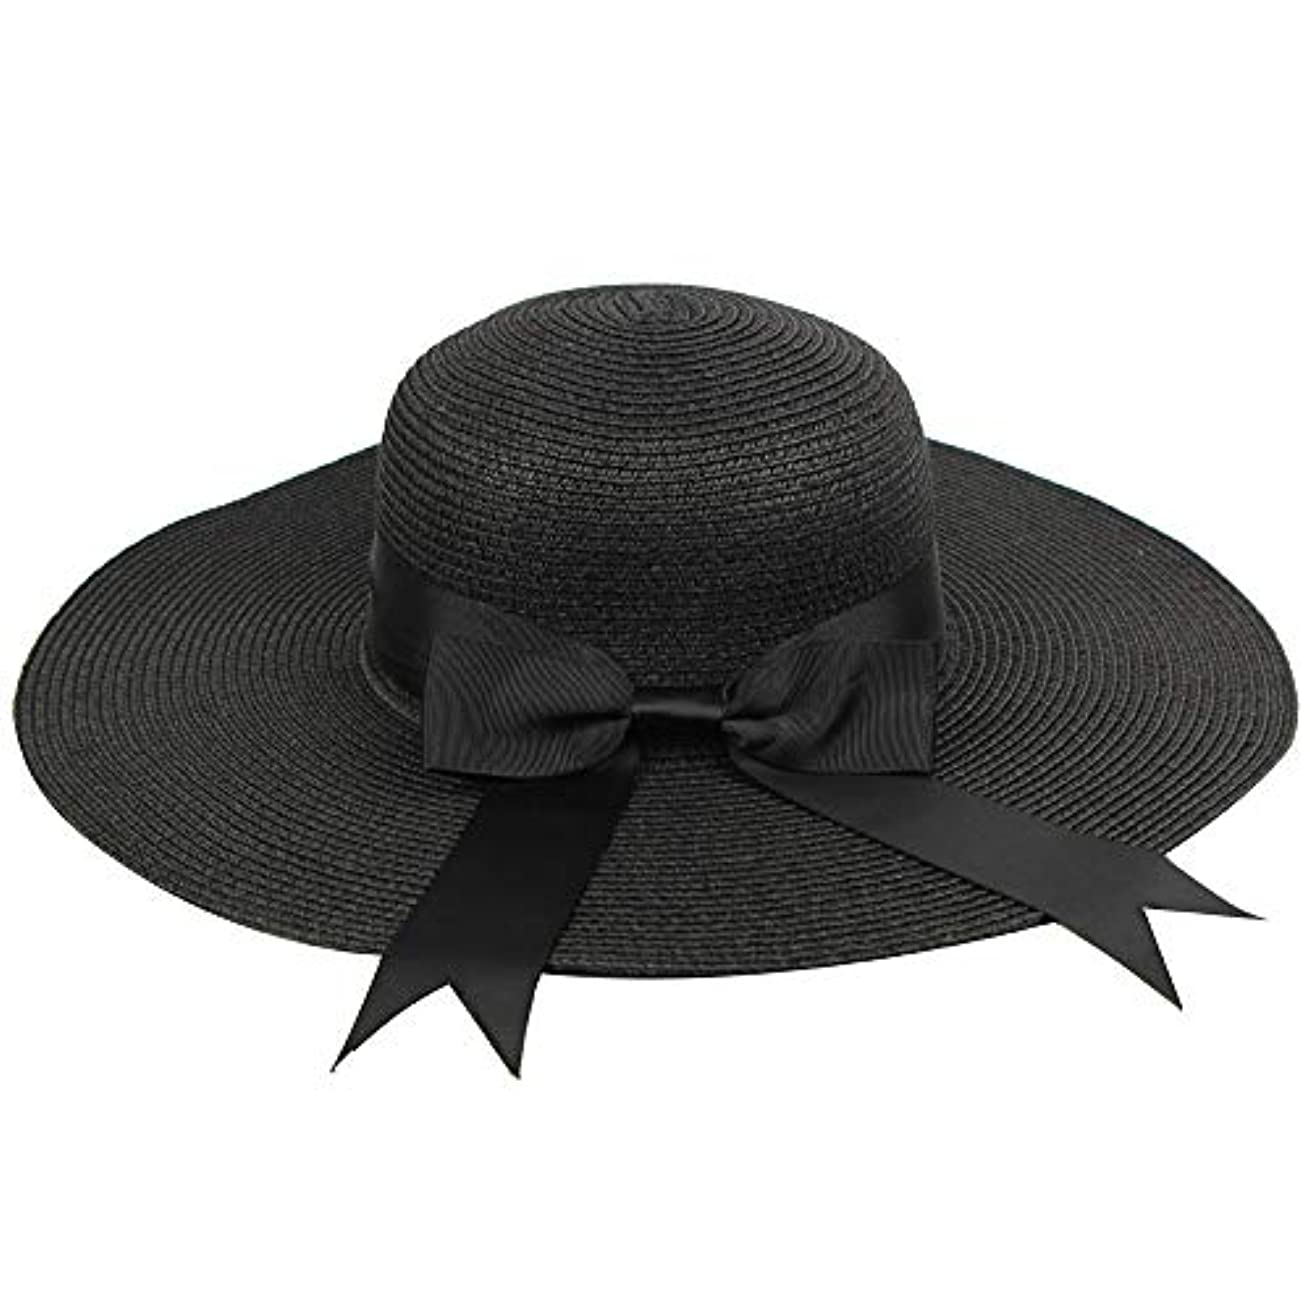 推測するチケットディベートUVカット 帽子 ハット レディース 紫外線対策 日焼け防止 軽量 熱中症予防 取り外すあご紐 つば広 おしゃれ 広幅 小顔効果抜群 折りたたみ サイズ調節可 旅行 調節テープ 吸汗通気 紫外線対策 ROSE ROMAN